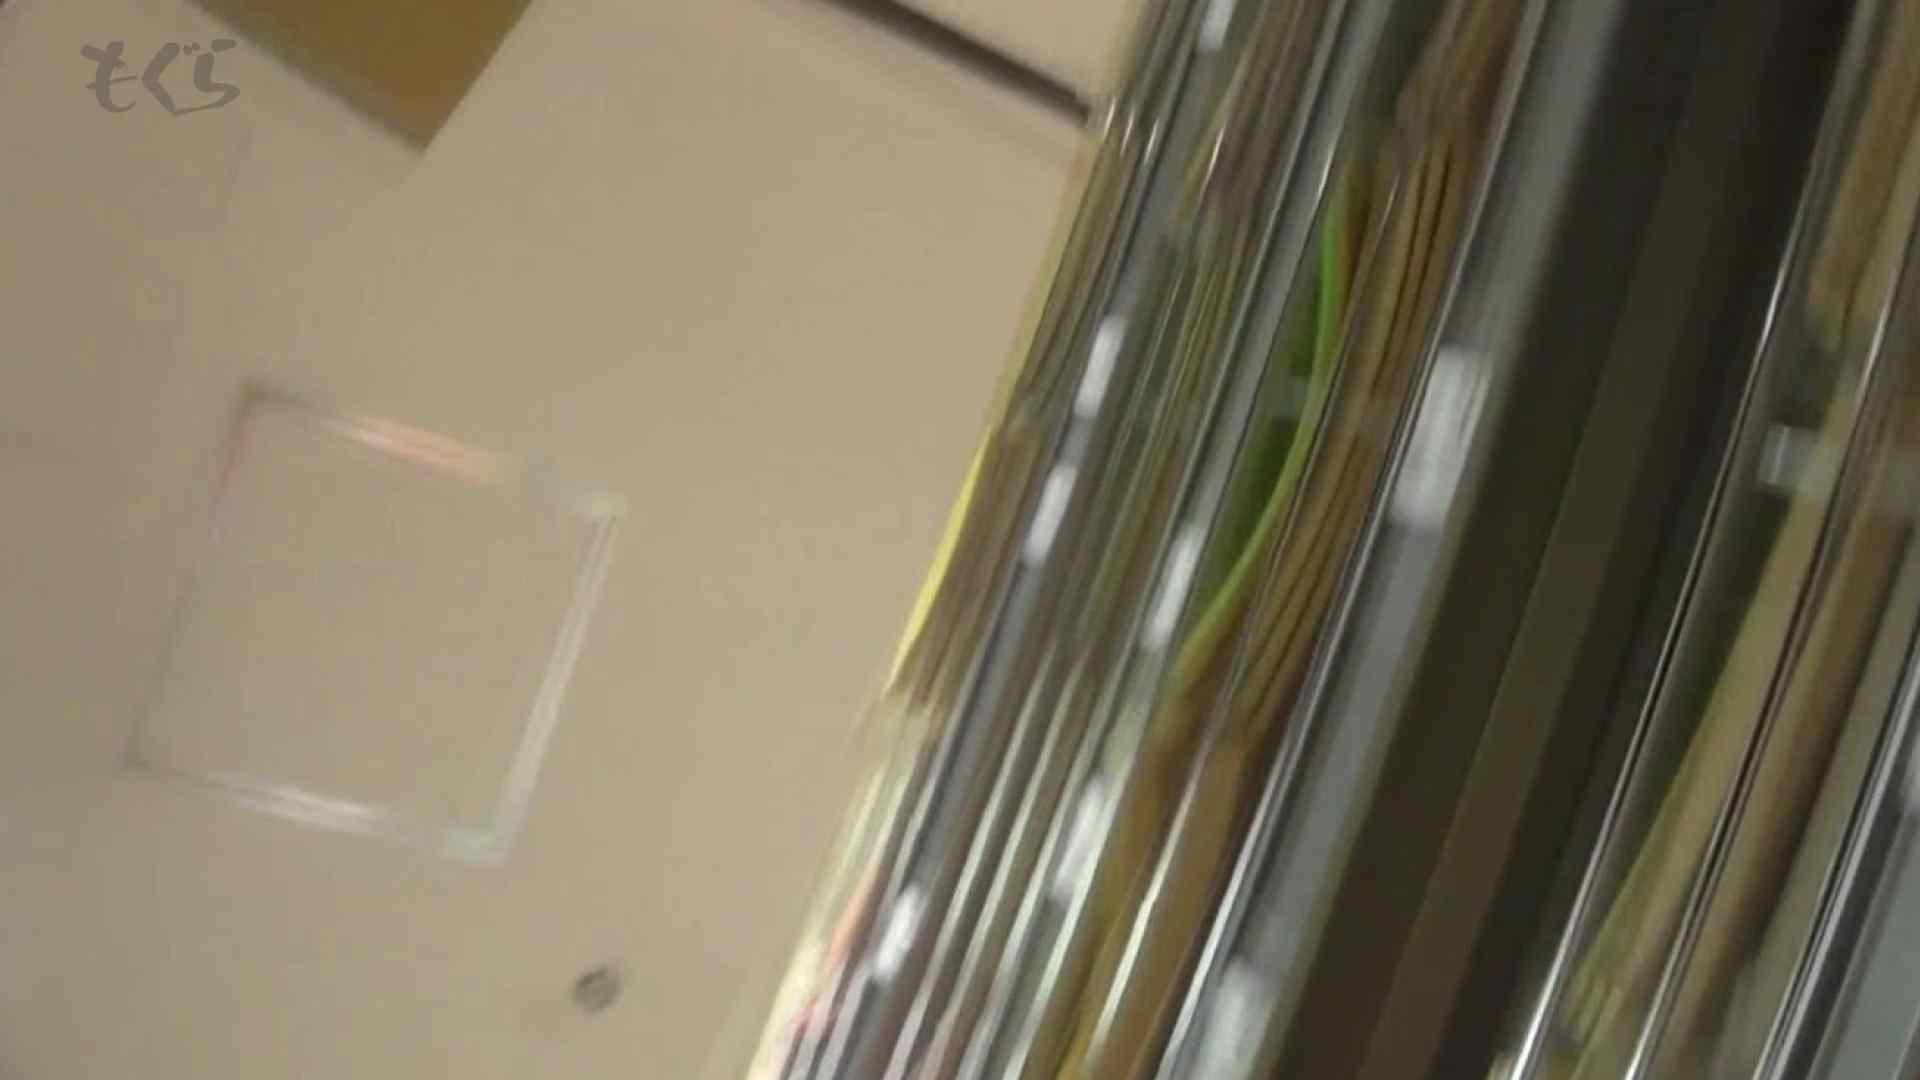 隣から【期間限定品】No.14 黒髪のJDを粘着撮り!! 期間限定動画 ヌード画像 76枚 59